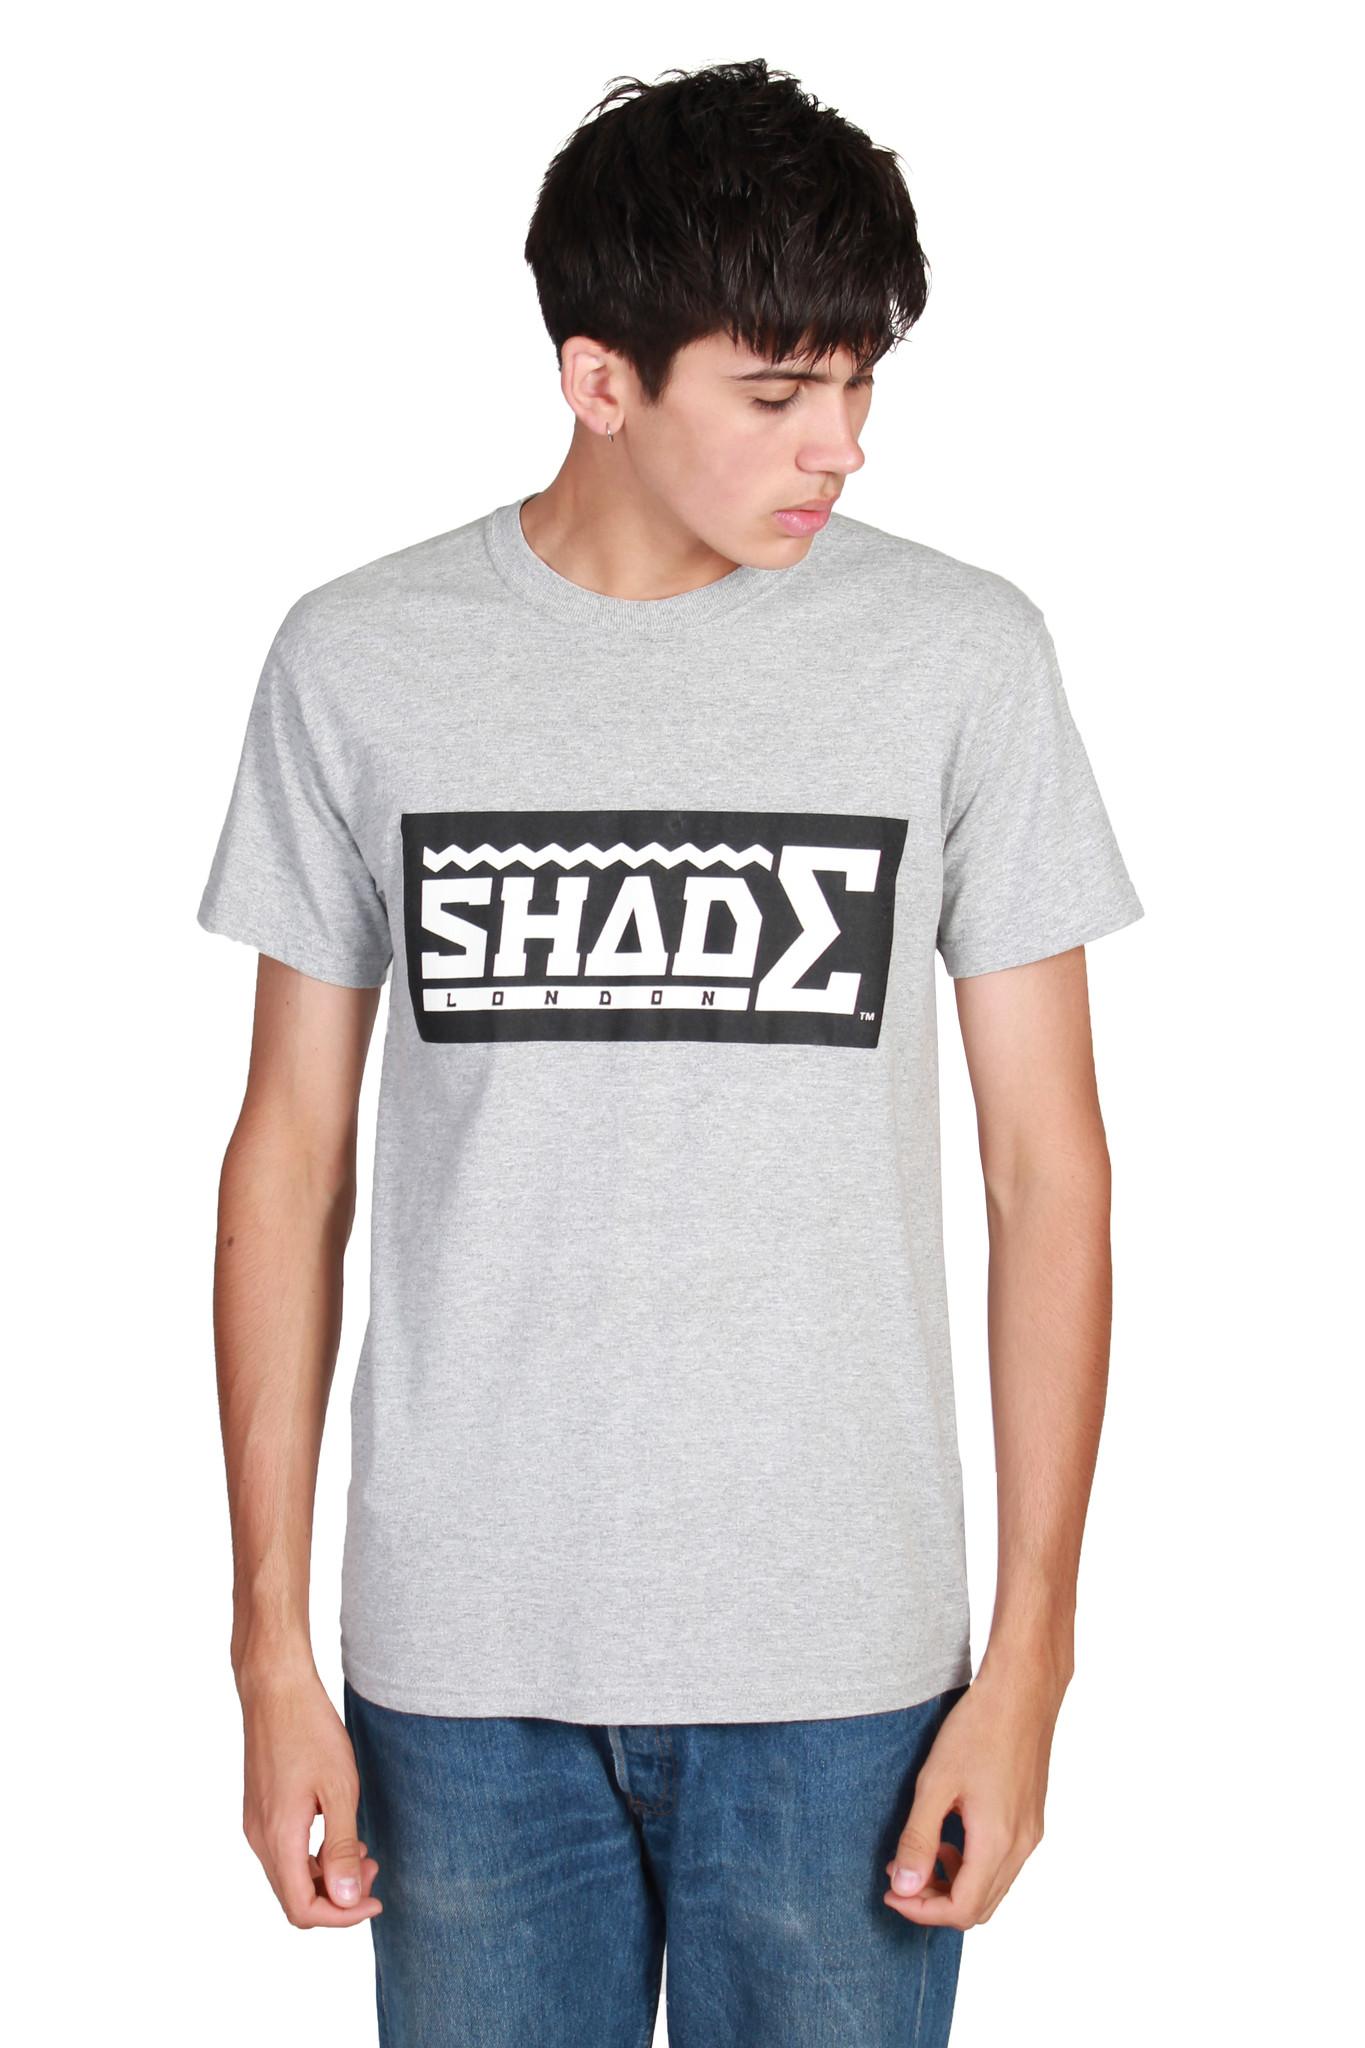 Shade short sleeved tshirt / grey ? shade london